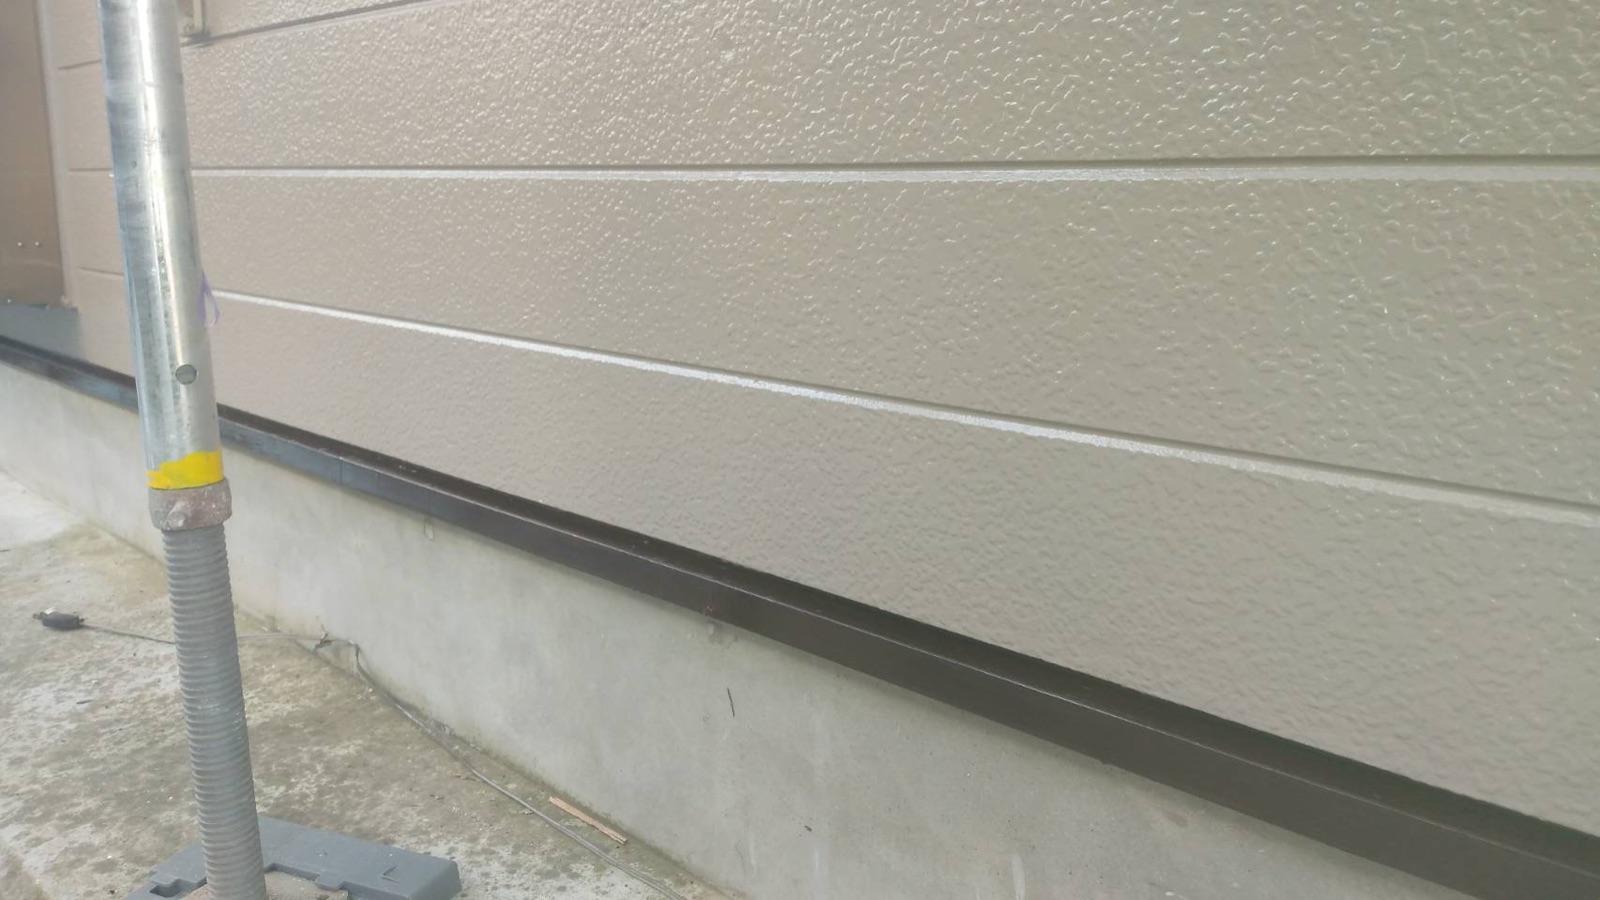 【紀の川市】外壁塗装・鼻隠し板金カバー工法(木部→ガルバリウム鋼板)工事・N様邸                      『外壁と各部分の施工で新築時の美しさへ、、♪』 18